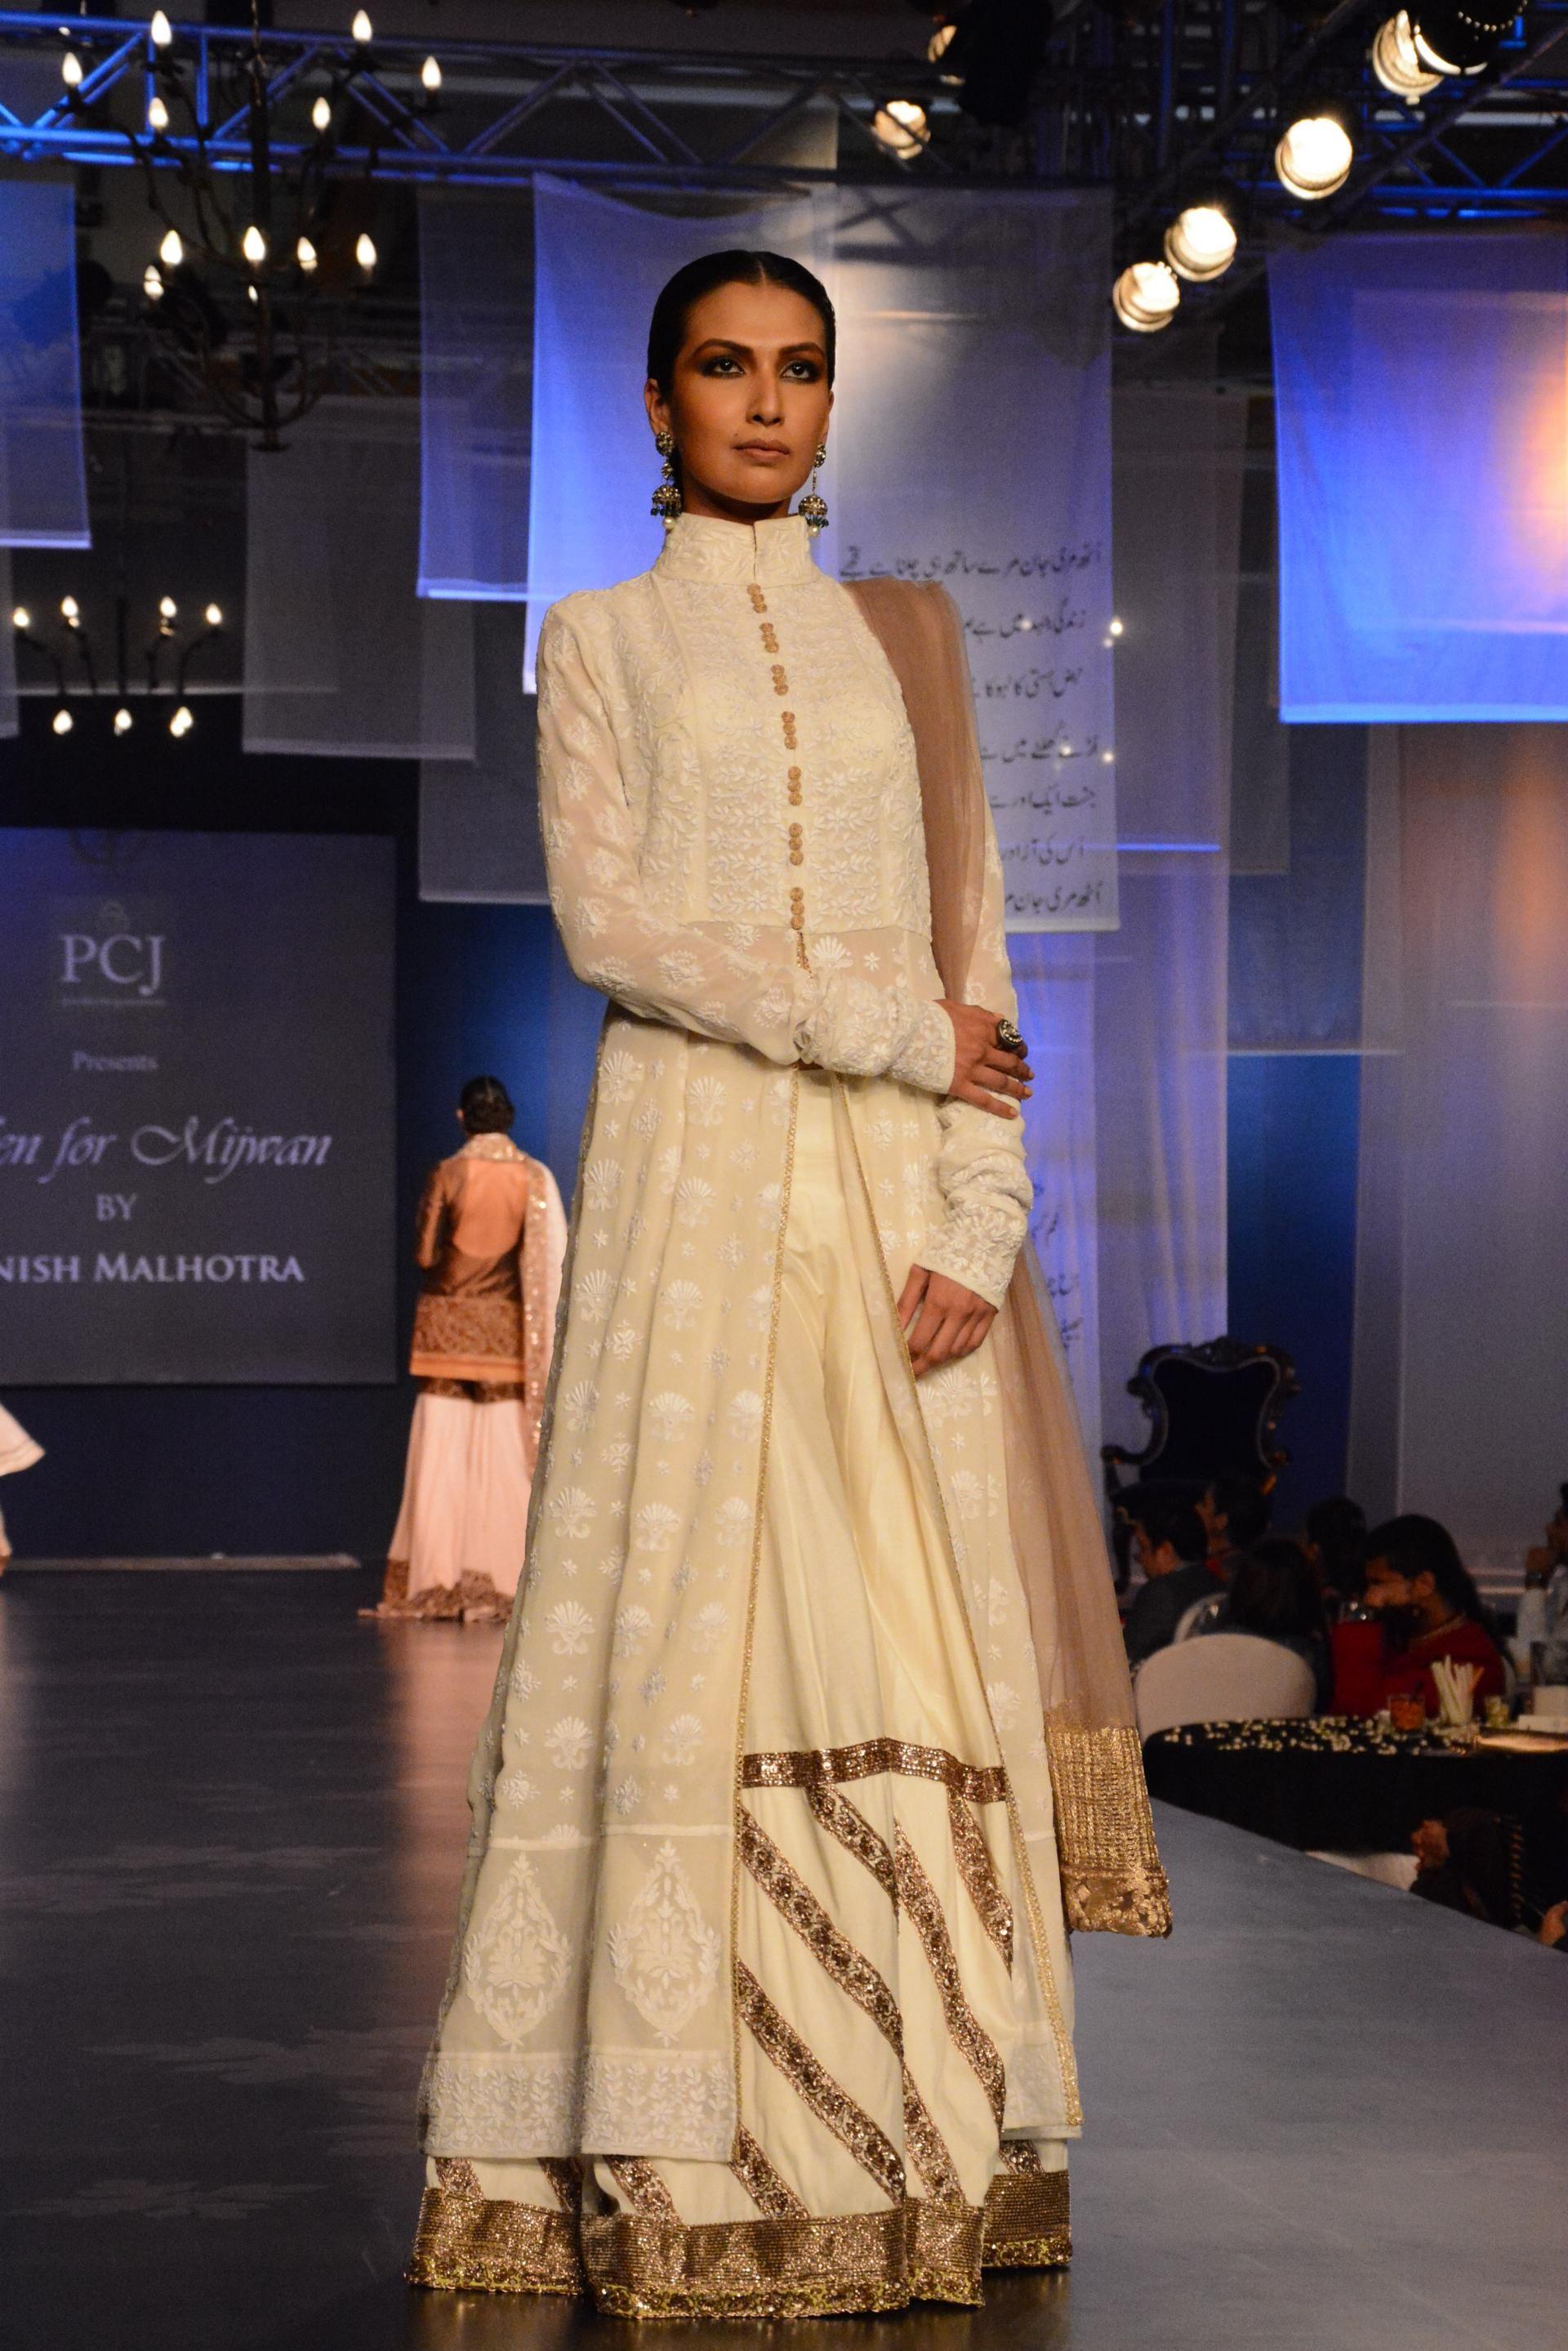 Manish malhotra mijwan fashion show wmg picks manish